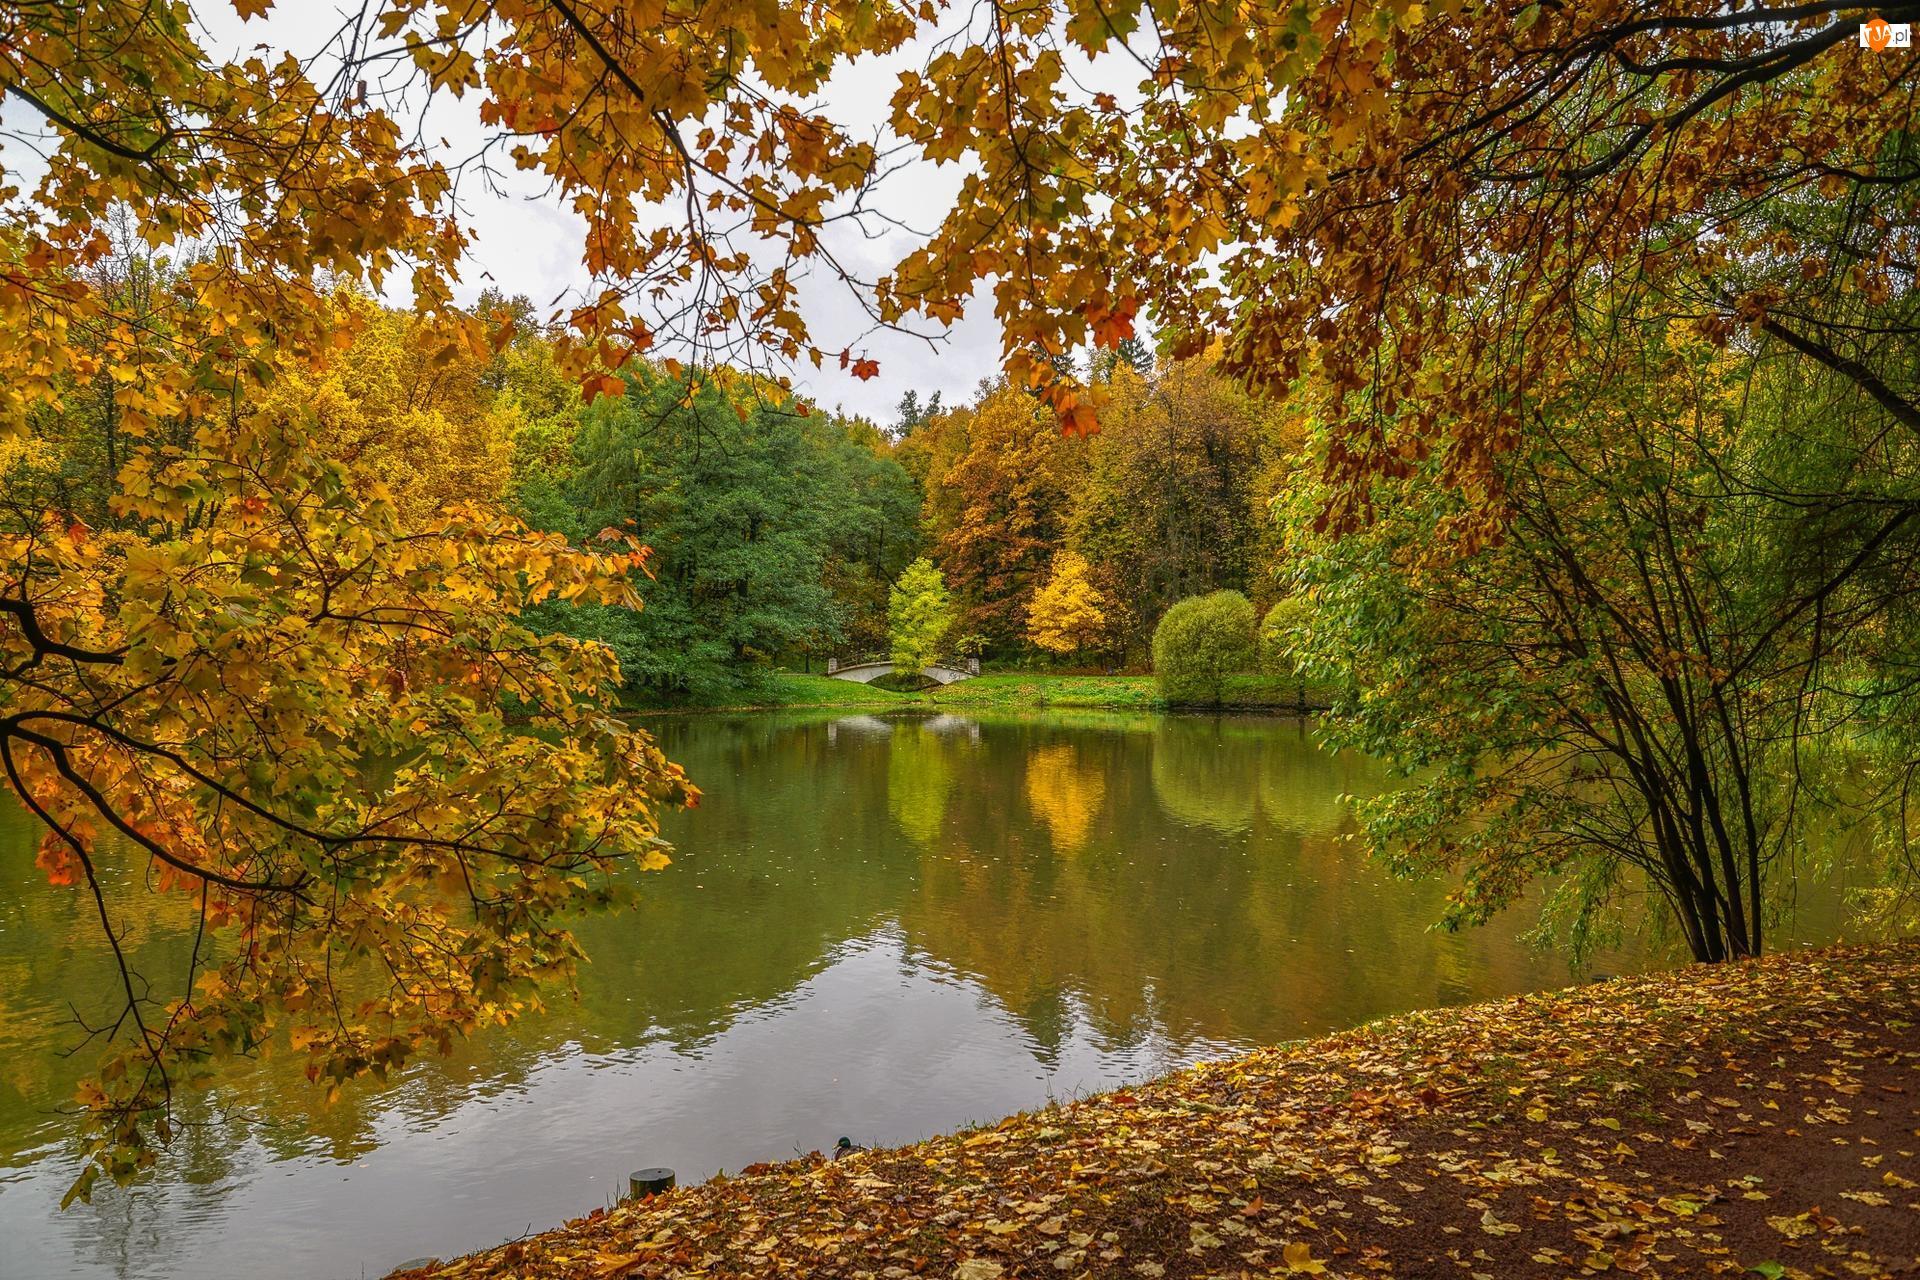 Staw, Drzewa, Jesień, Park, Chmury, Most, Liście